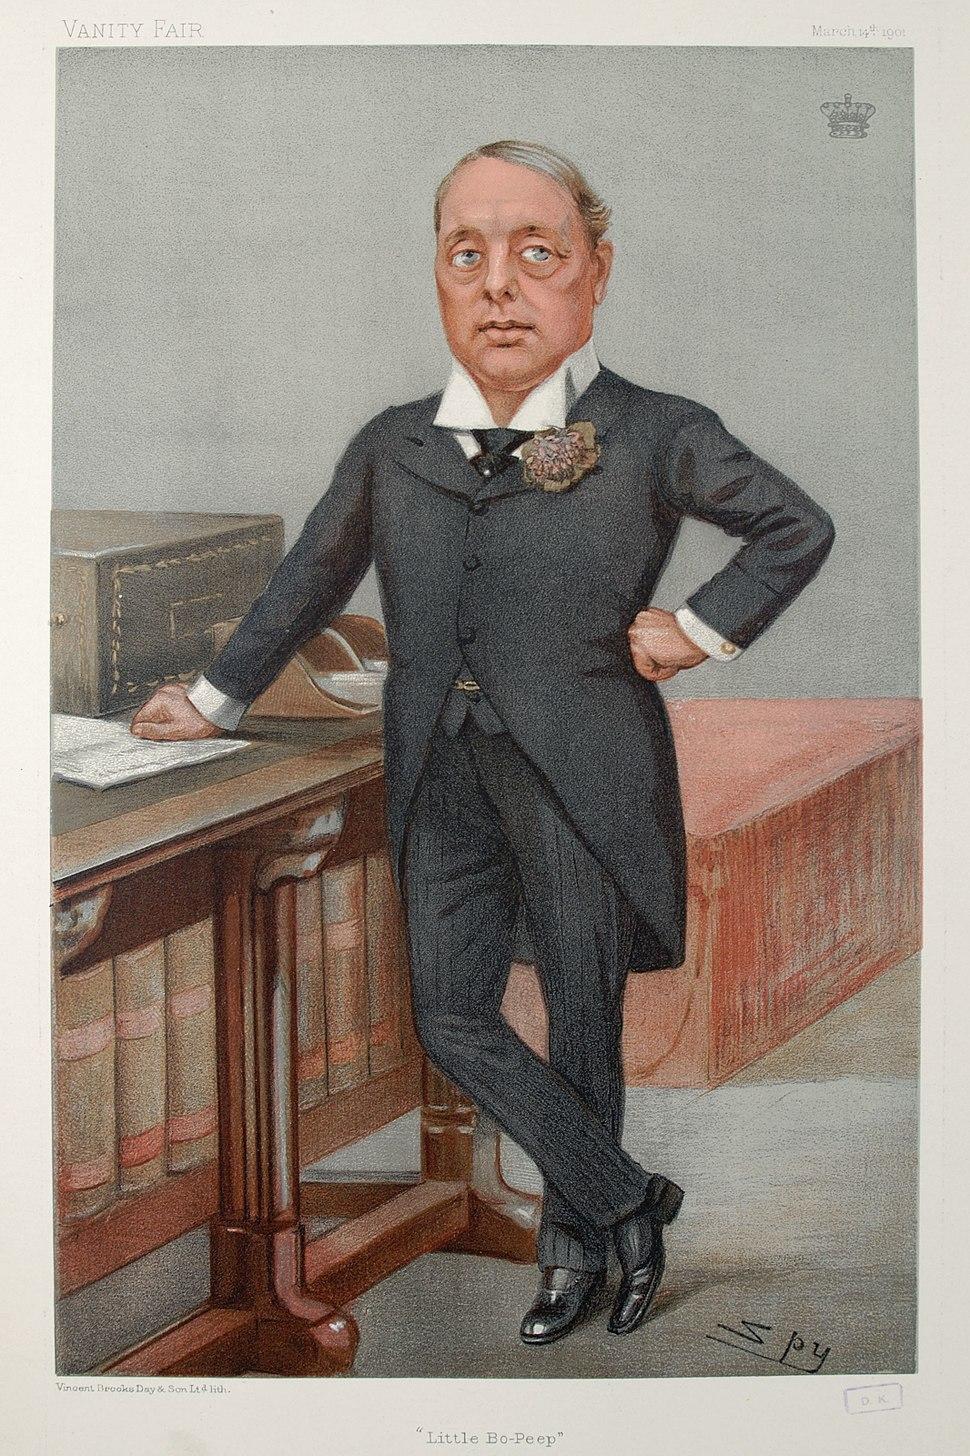 Earl of Rosebery Vanity Fair 14 March 1901